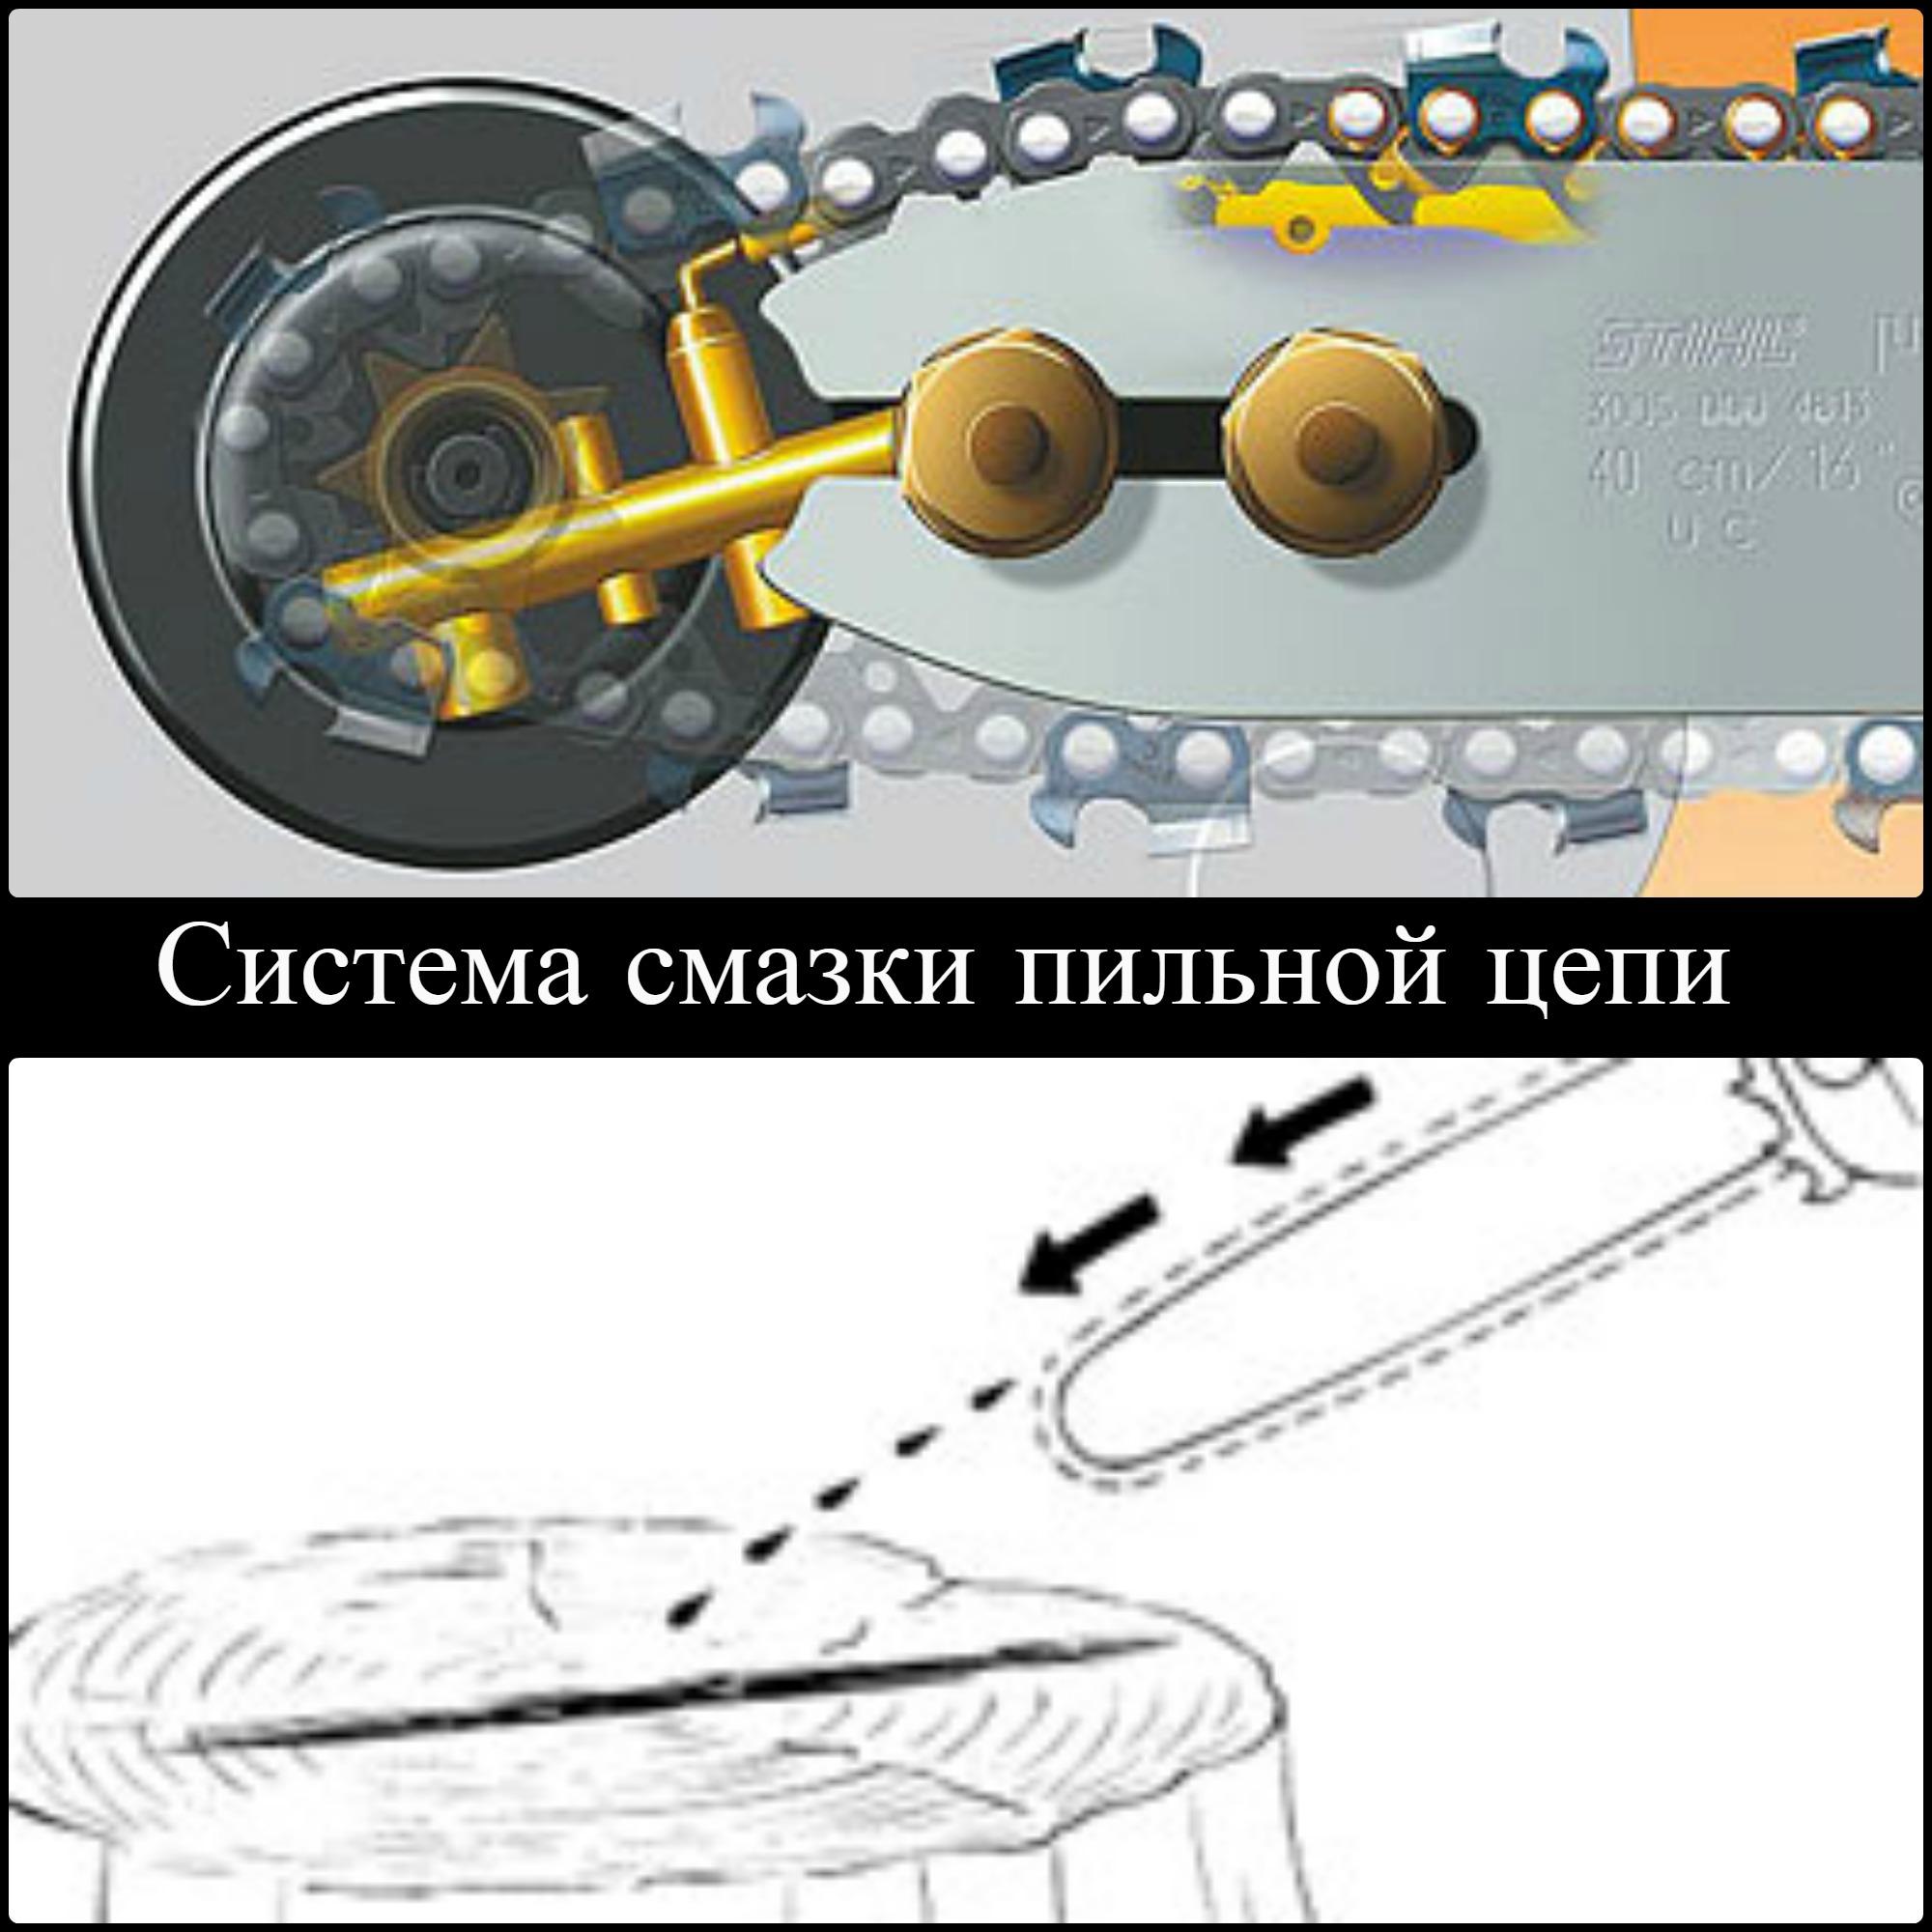 Электропила алко схема